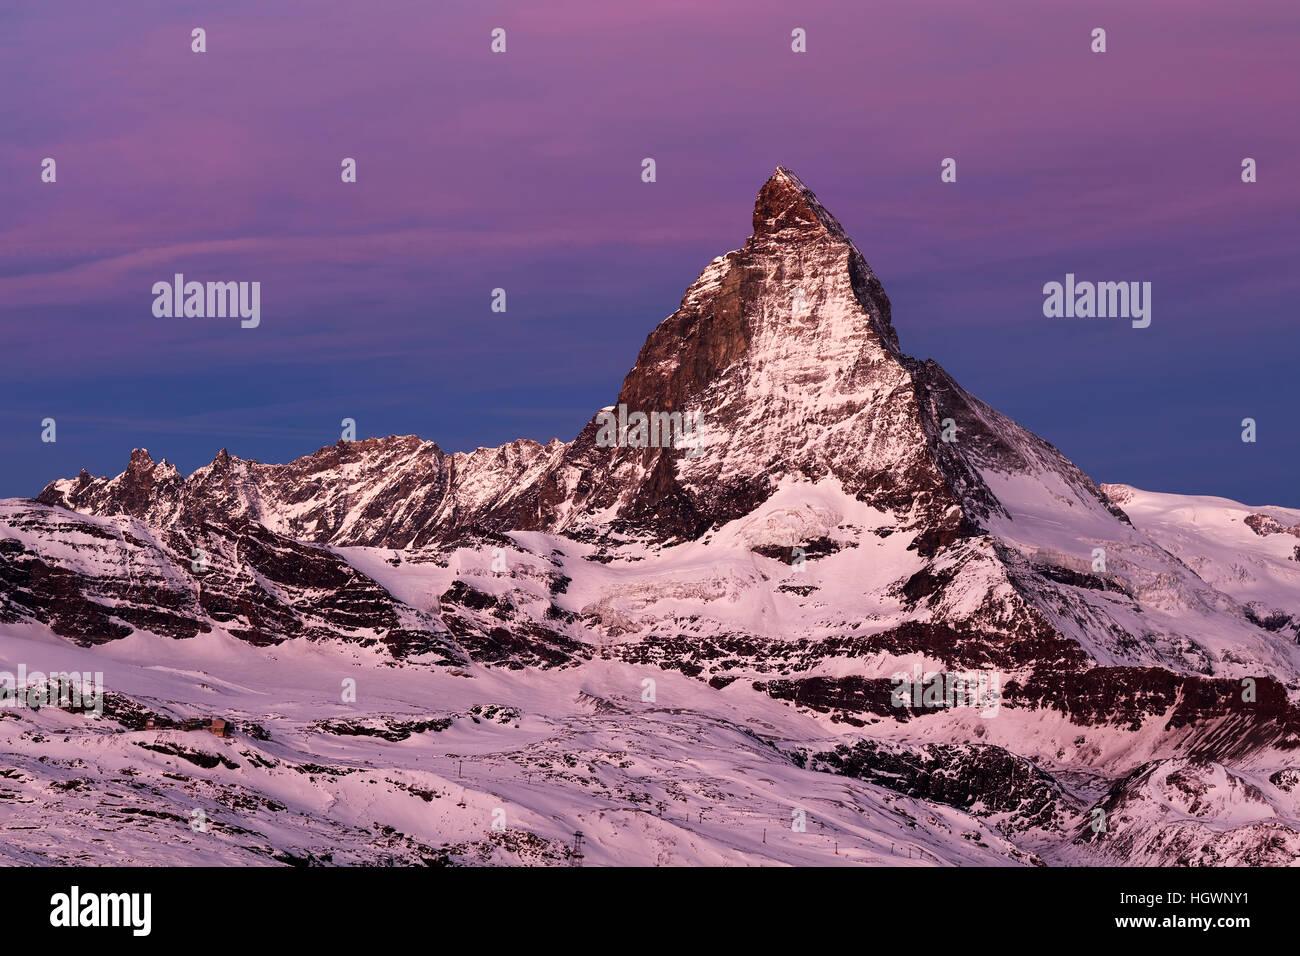 Cervin à l'aube, Valais, Zermatt, Valais, Suisse Photo Stock